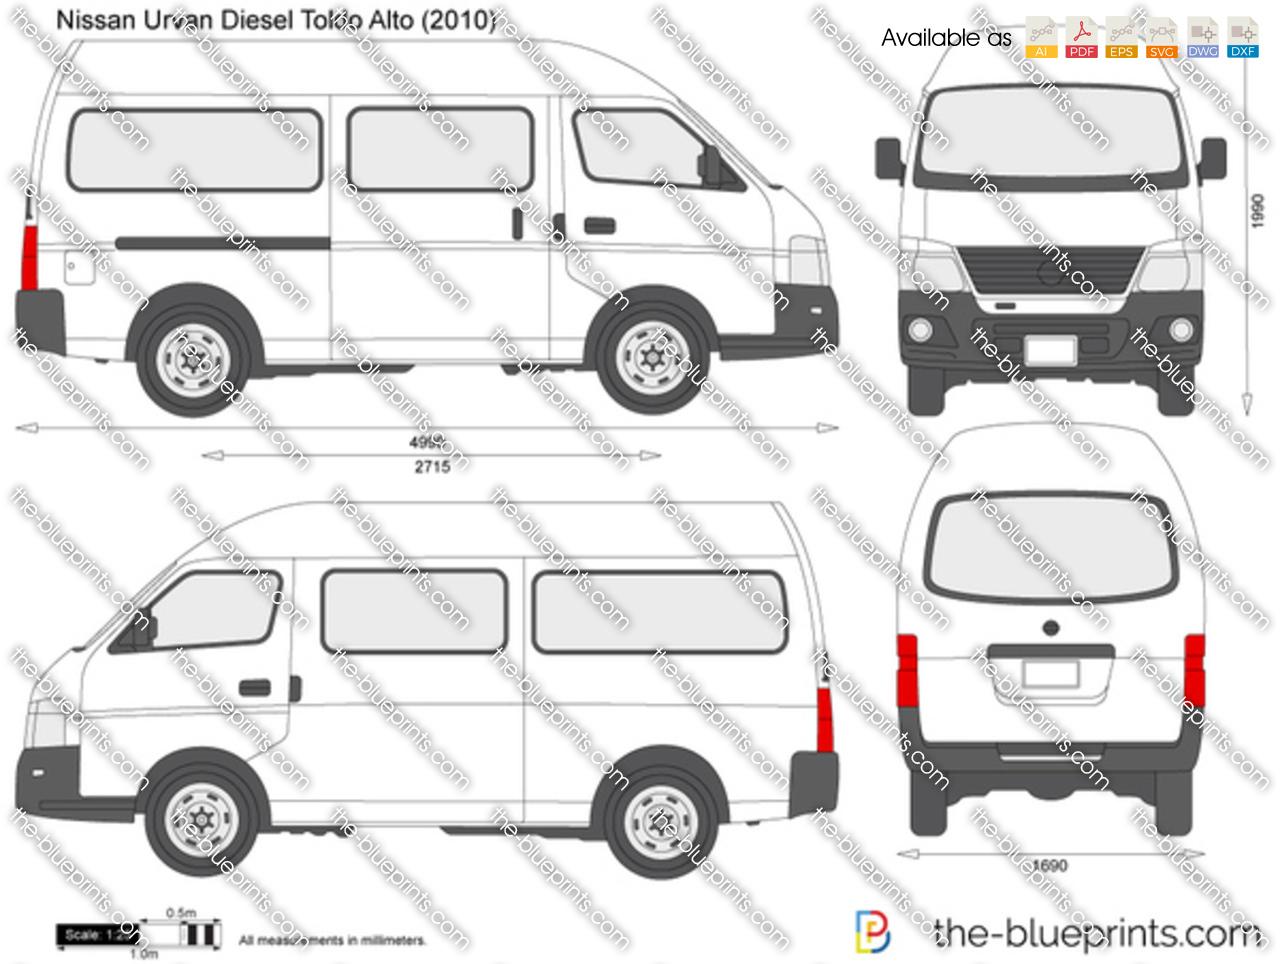 Nissan Urvan Diesel Toldo Alto 2018